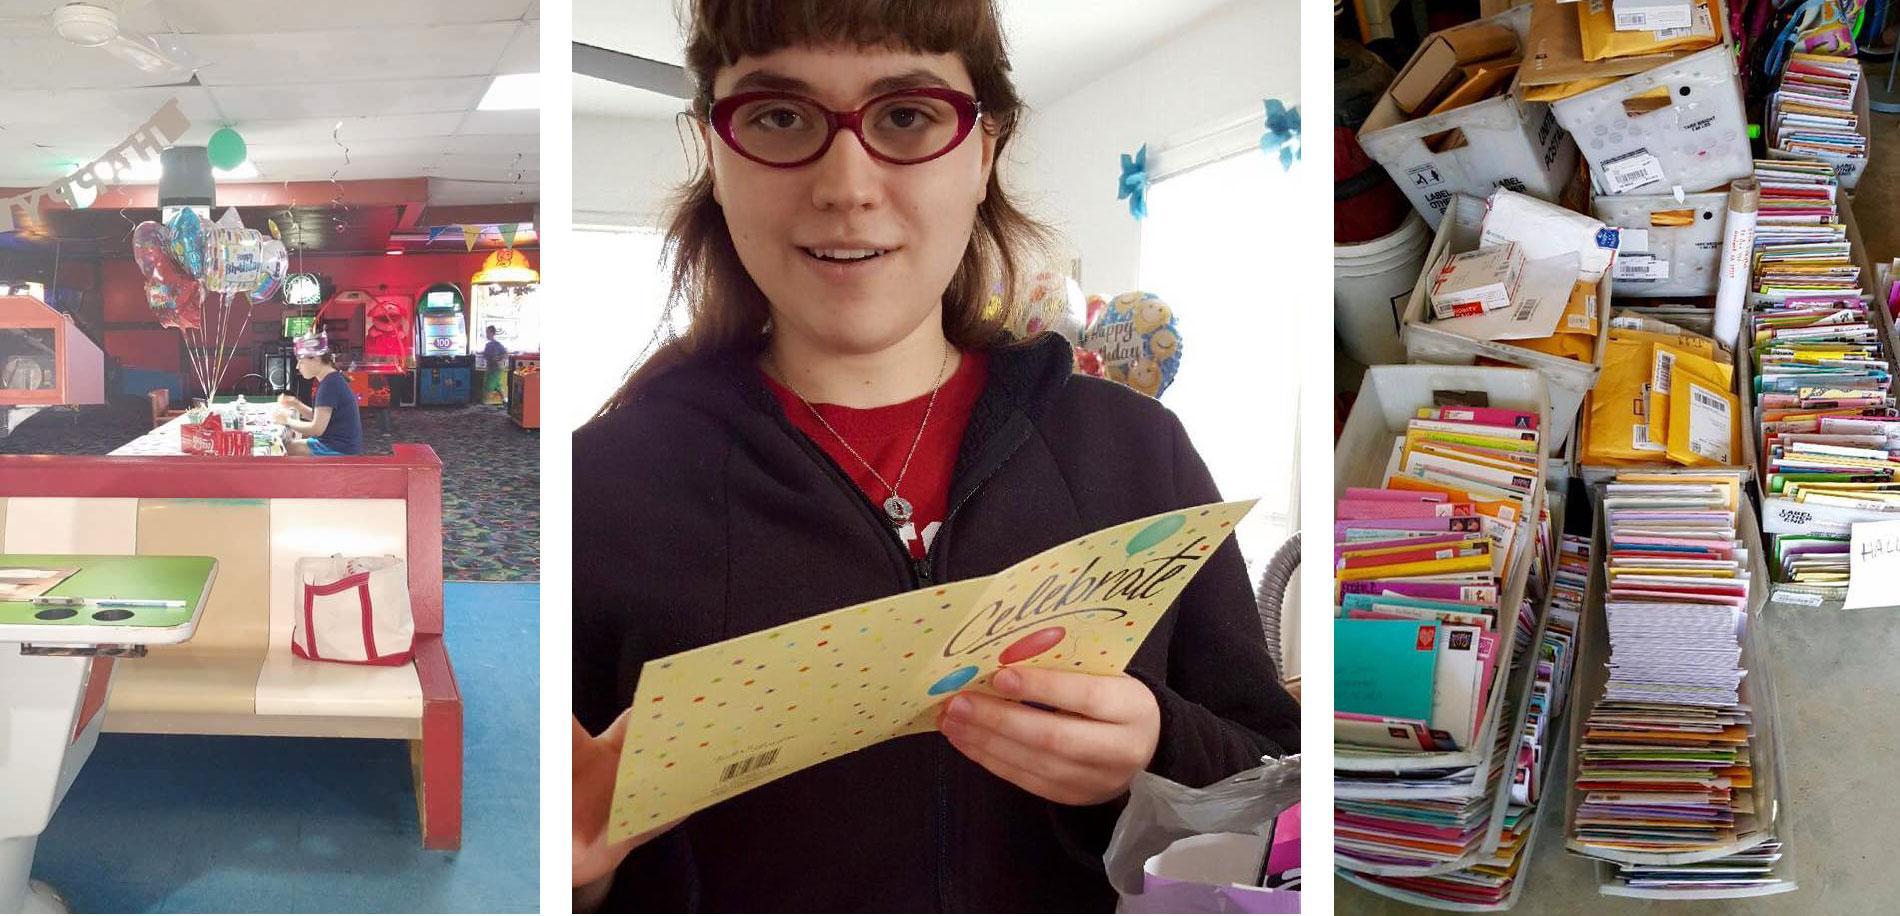 Grâce à Facebook, Hallee, jeune autiste, ne sera pas seule ... | 1900 x 916 jpeg 250kB